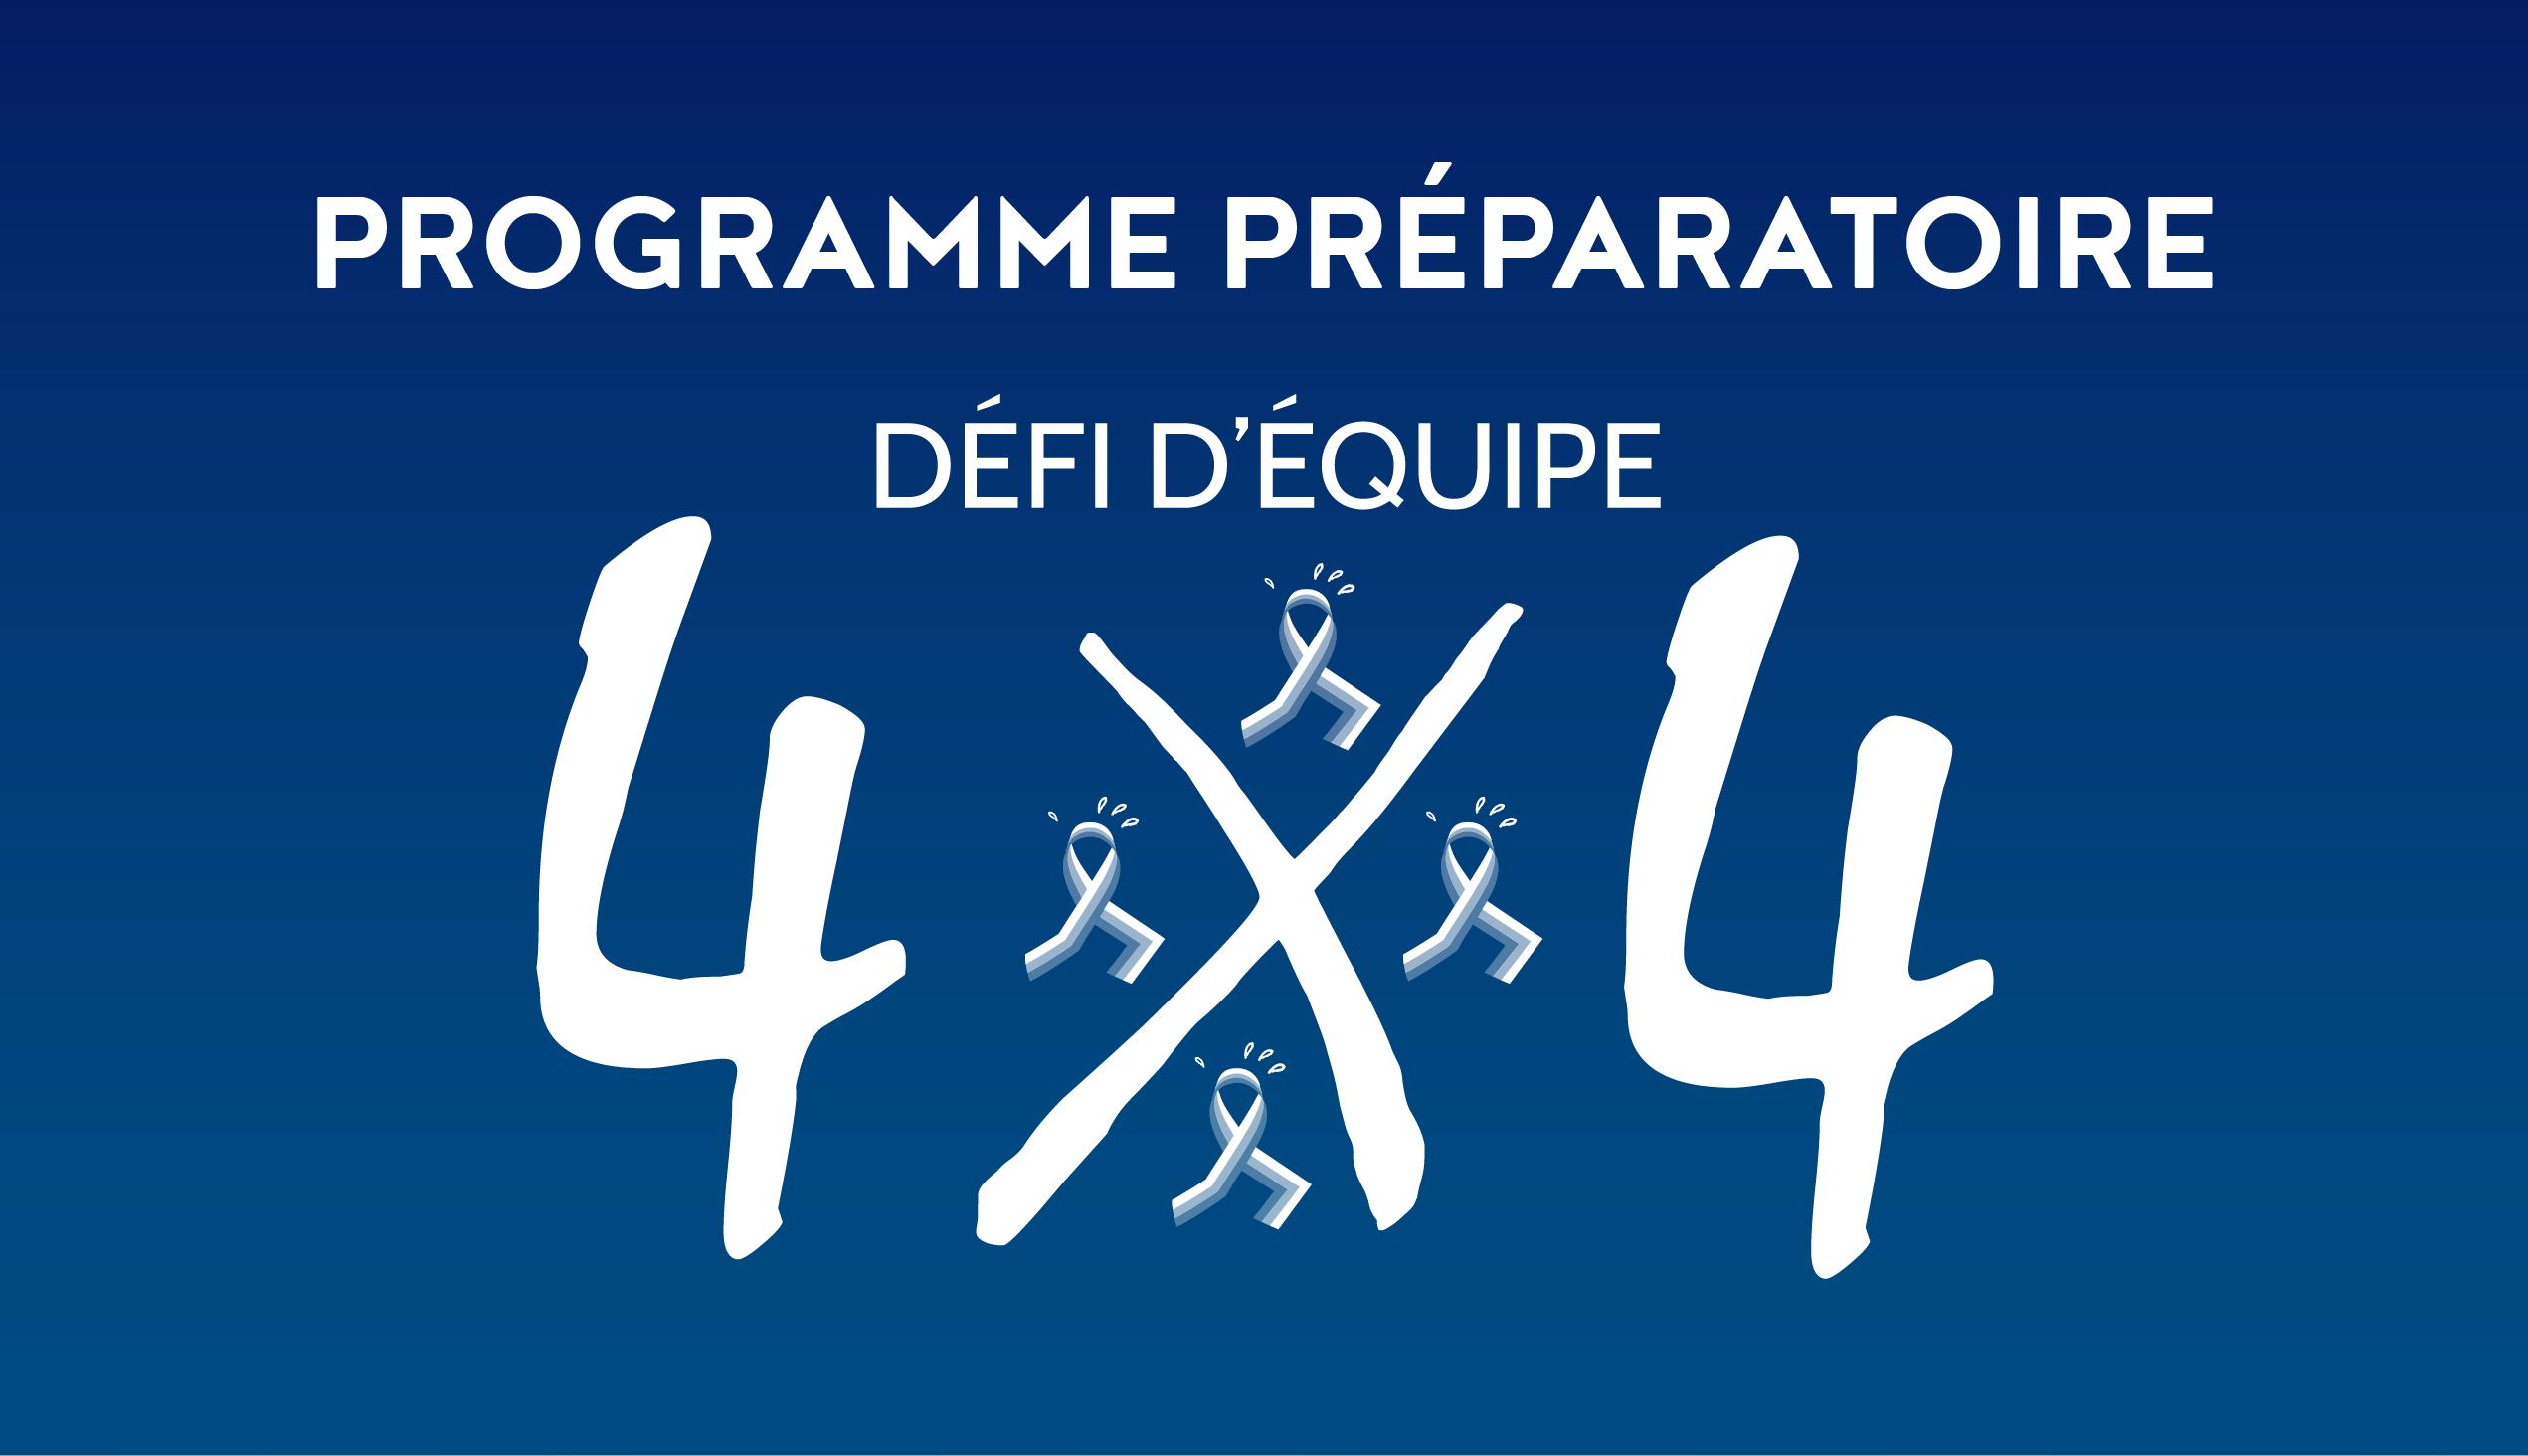 Programme d'entraînement au Défi d'équipe 4X4